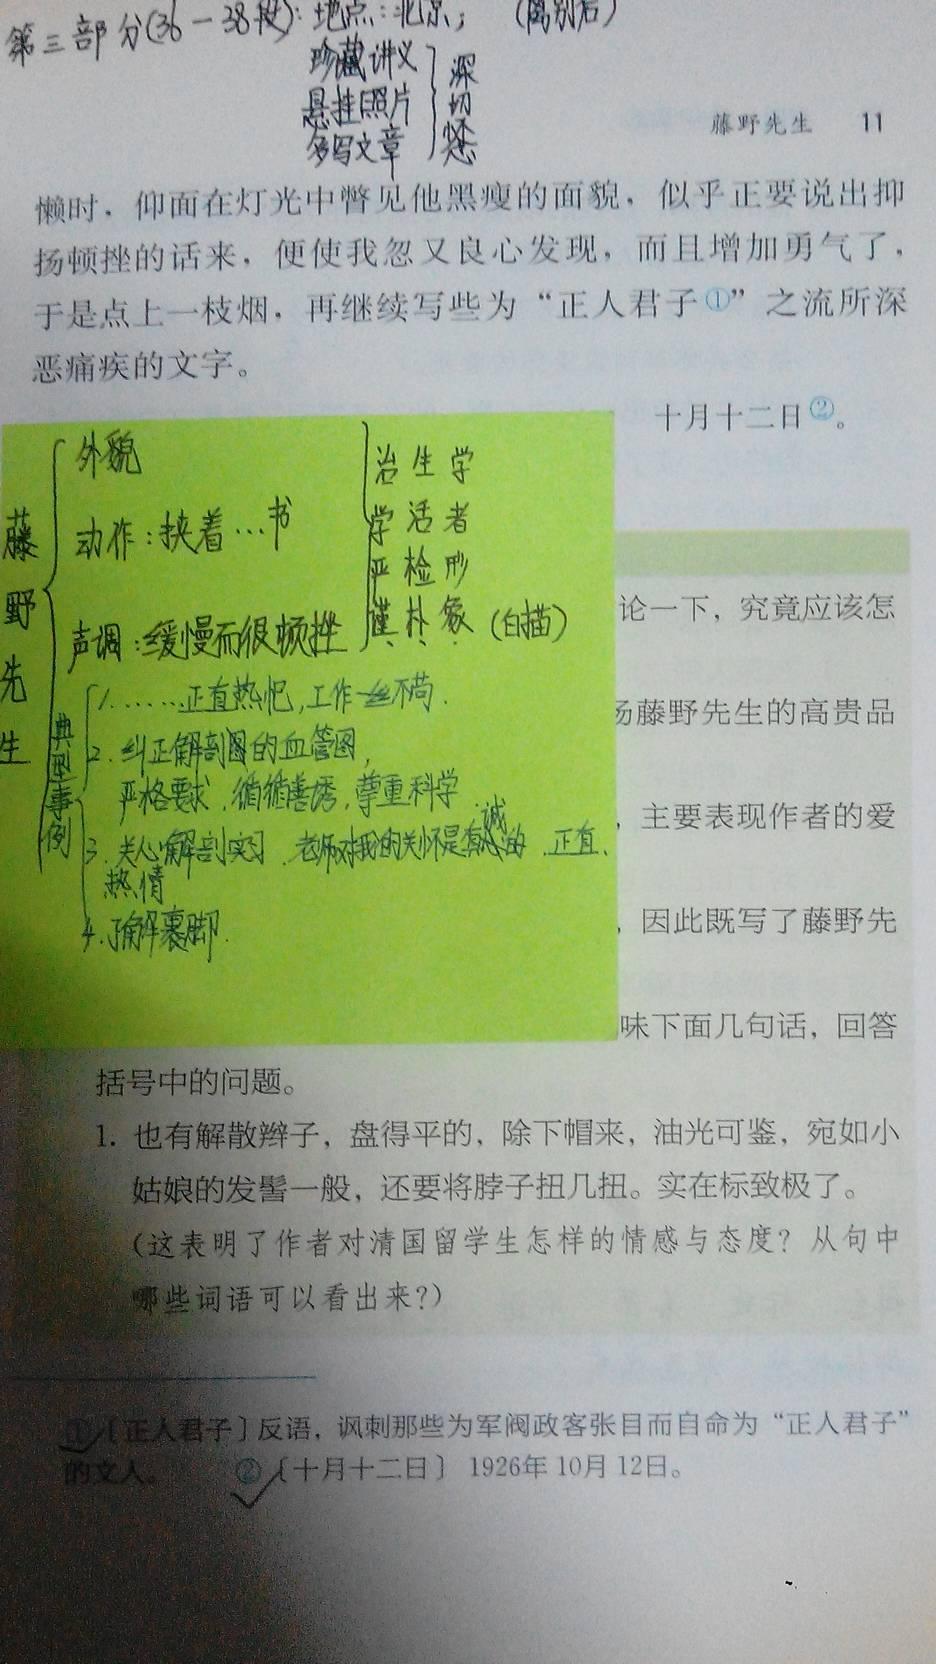 初二专项下册v专项题:藤野先生一小学语文年级体育备课图片